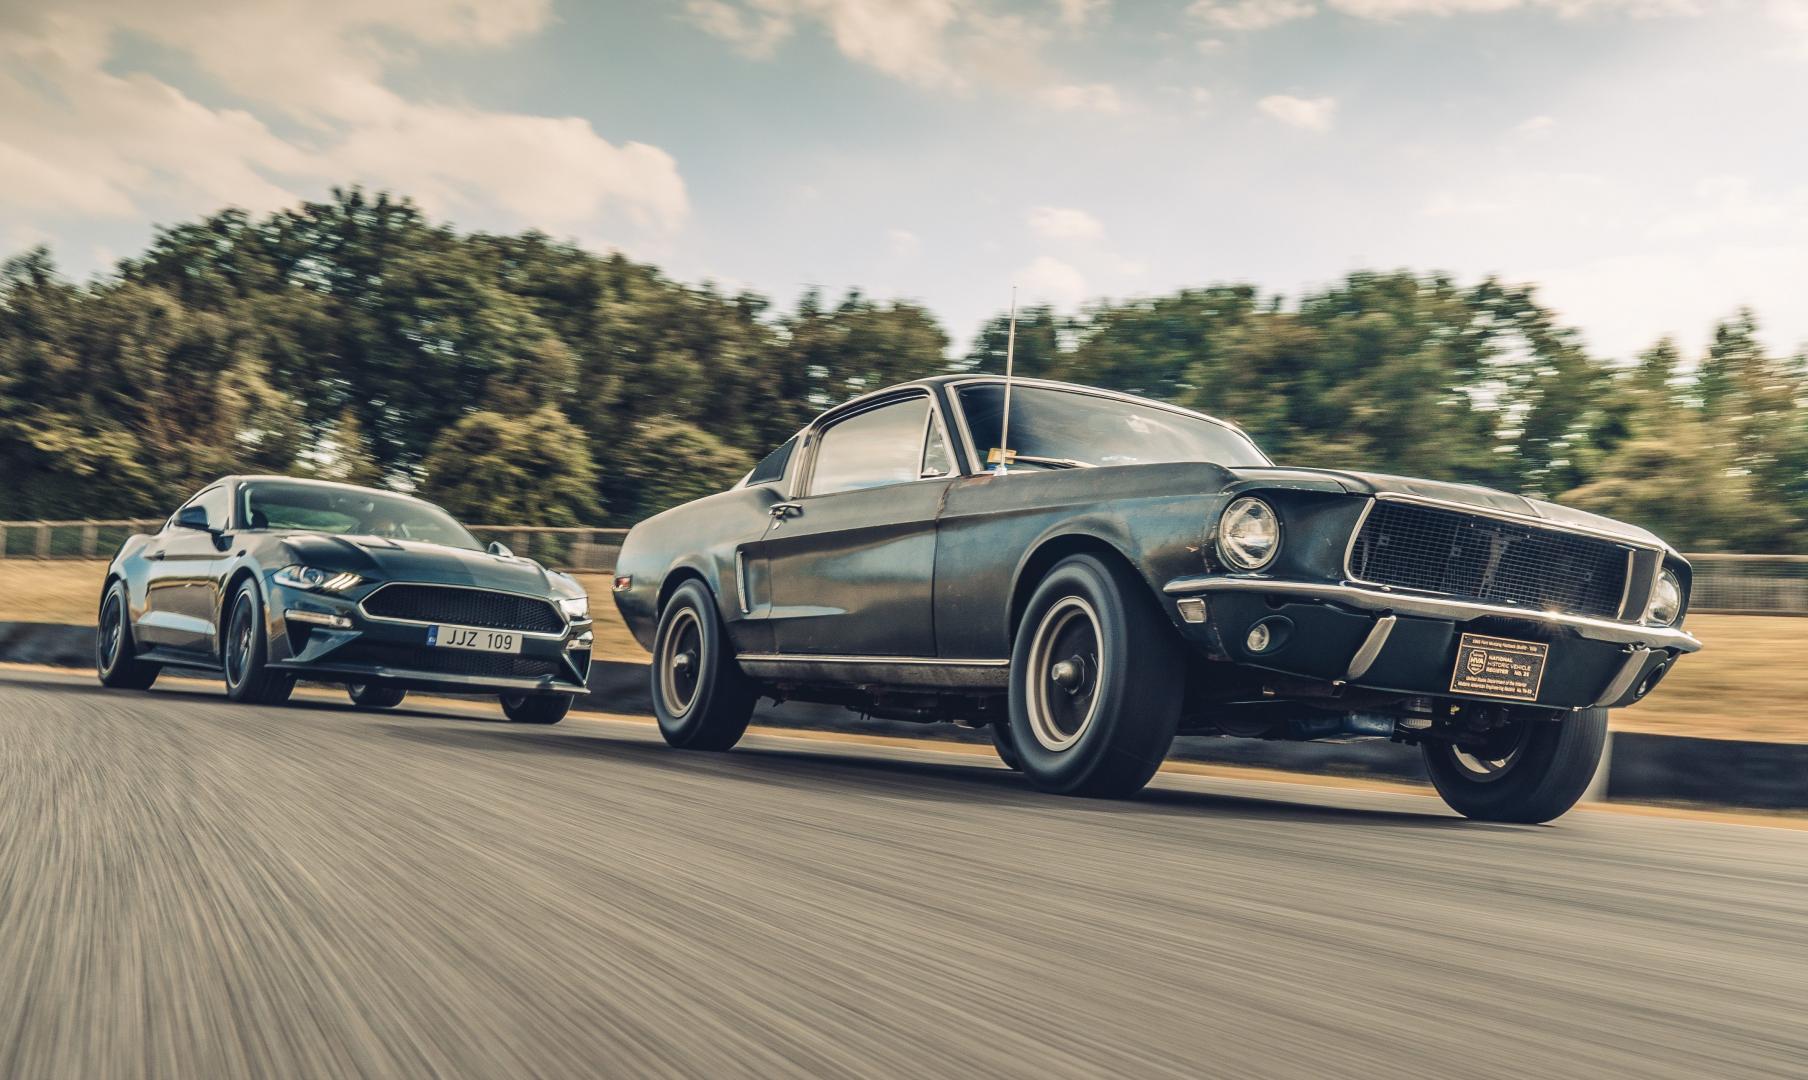 Ford Mustang GT 390 Fastback 68er Highland Green Steve McQueen The Boss